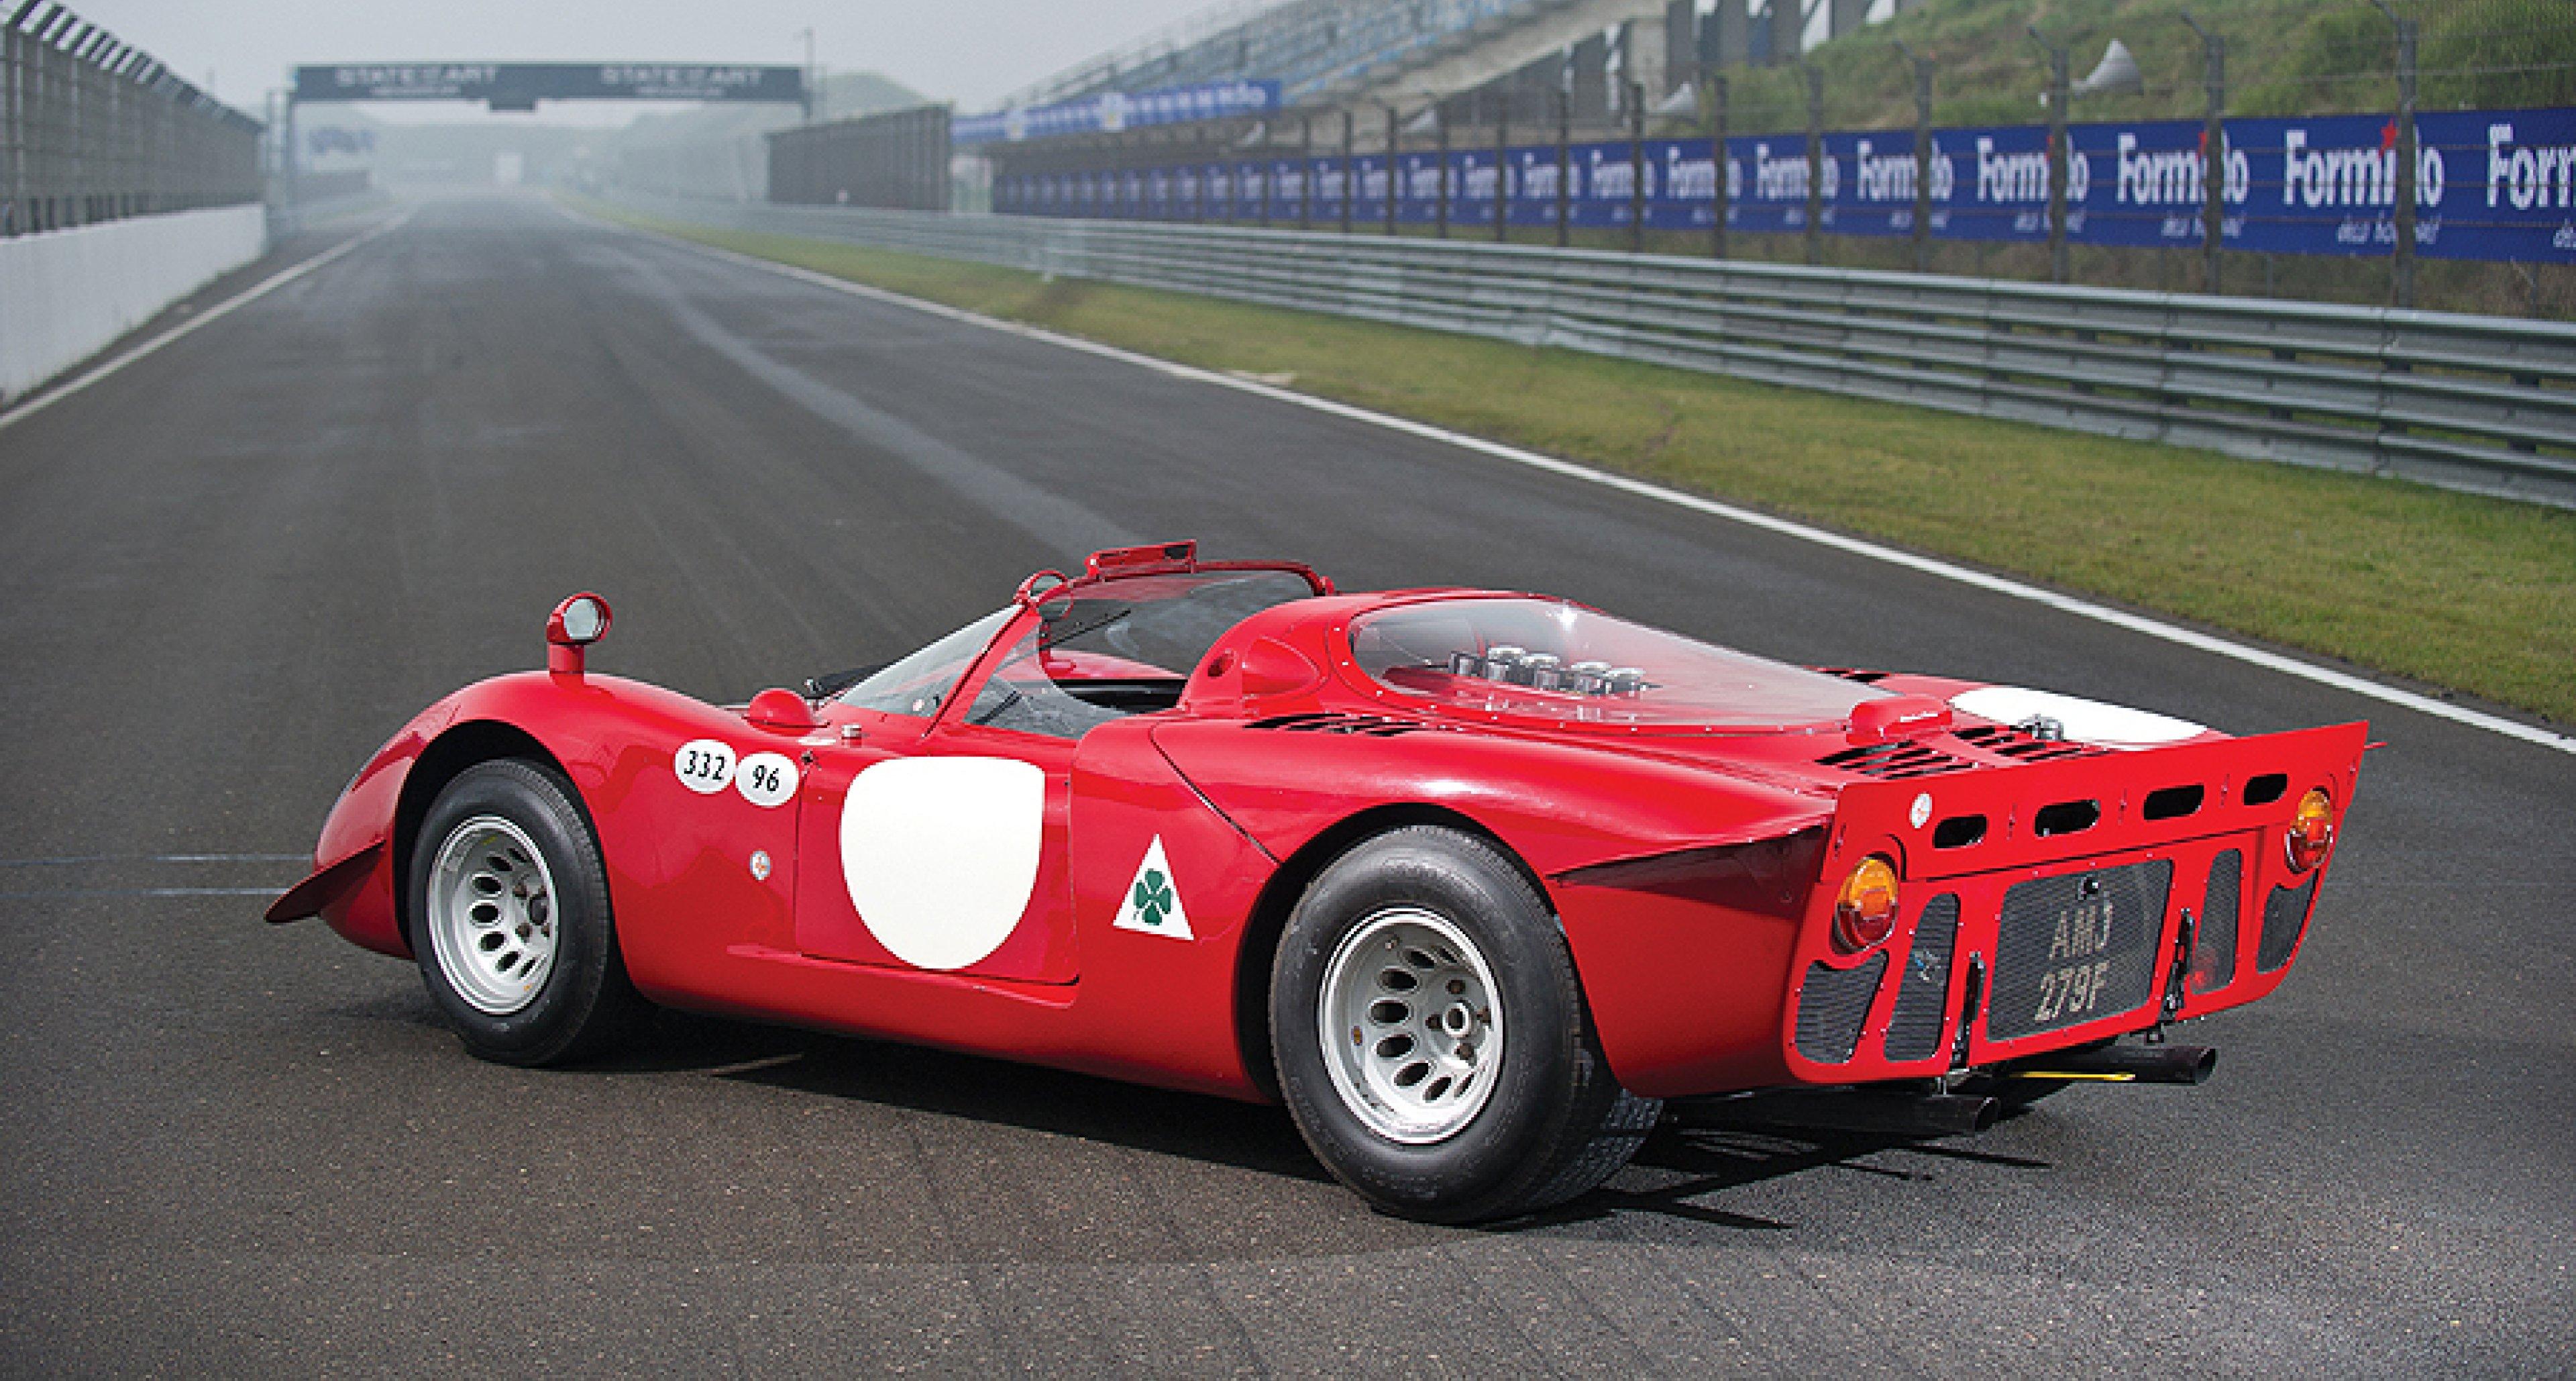 Alfa Romeo Tipo 33/2 'Daytona' to be auctioned in Monaco